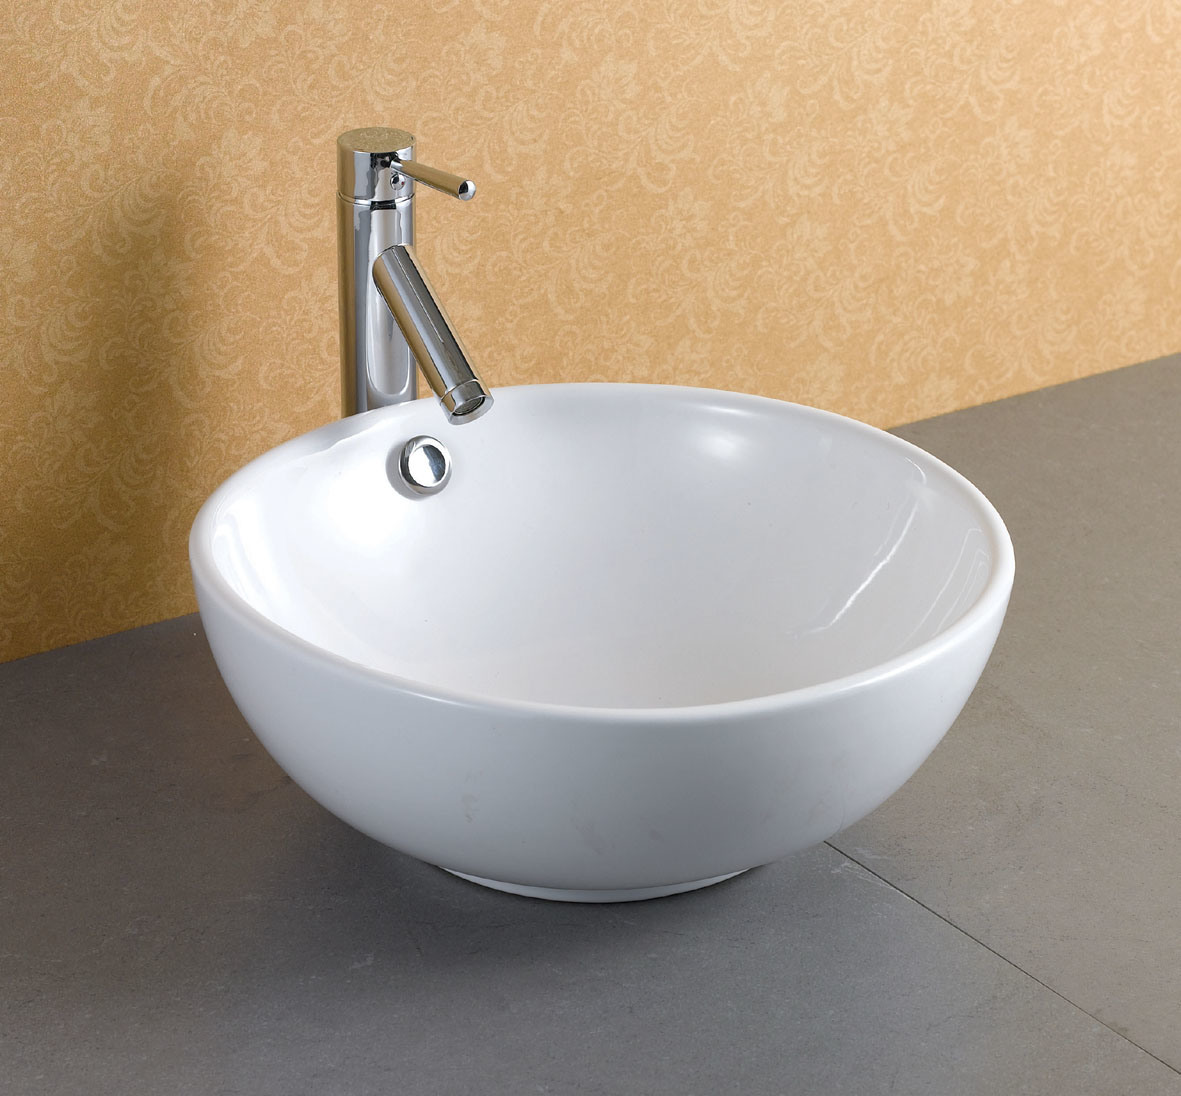 Cuvette d 39 vier de lavage de salle de bains cuvette d for Evier de salle de bain